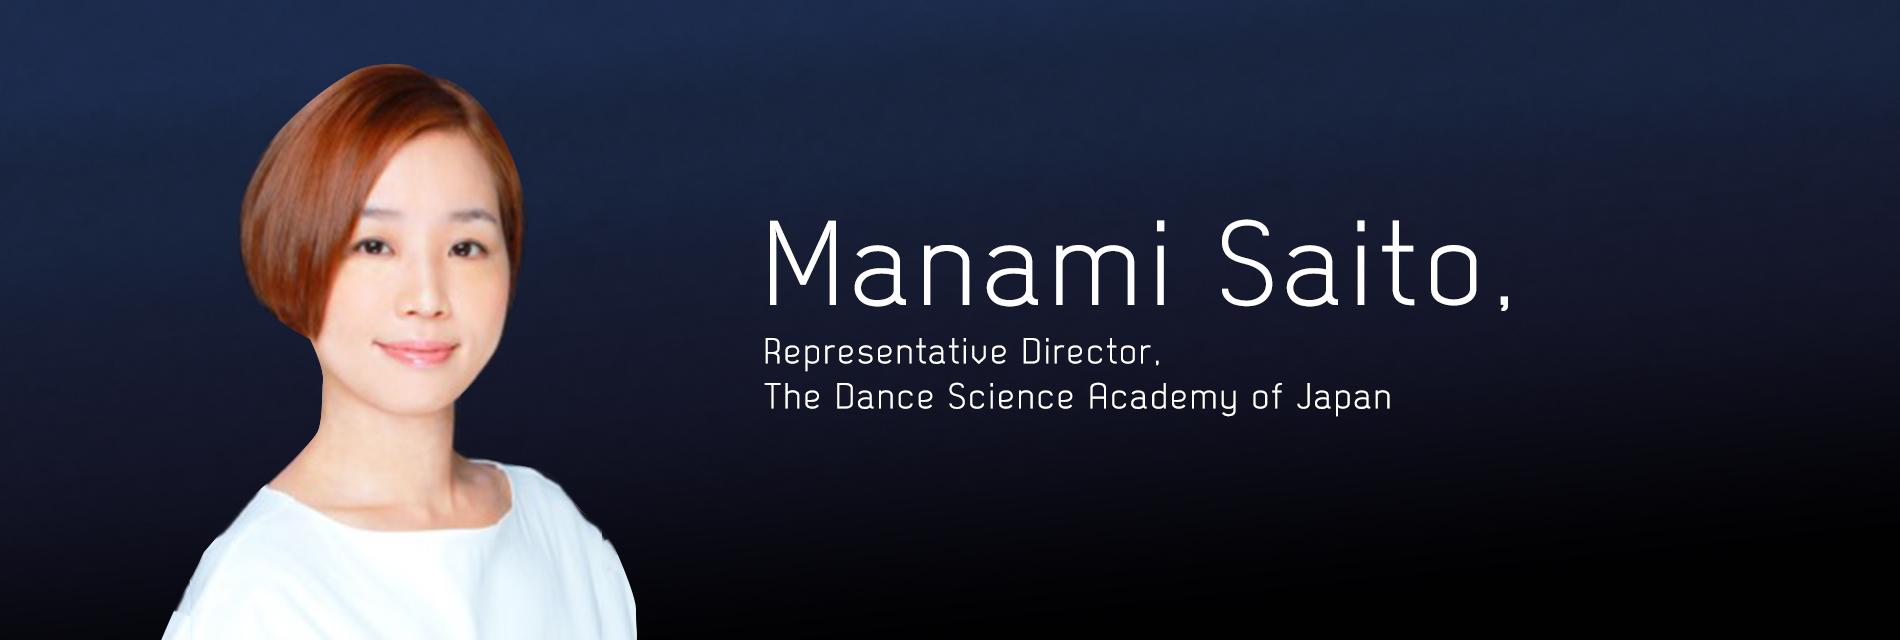 Manami Saito , Representative Director